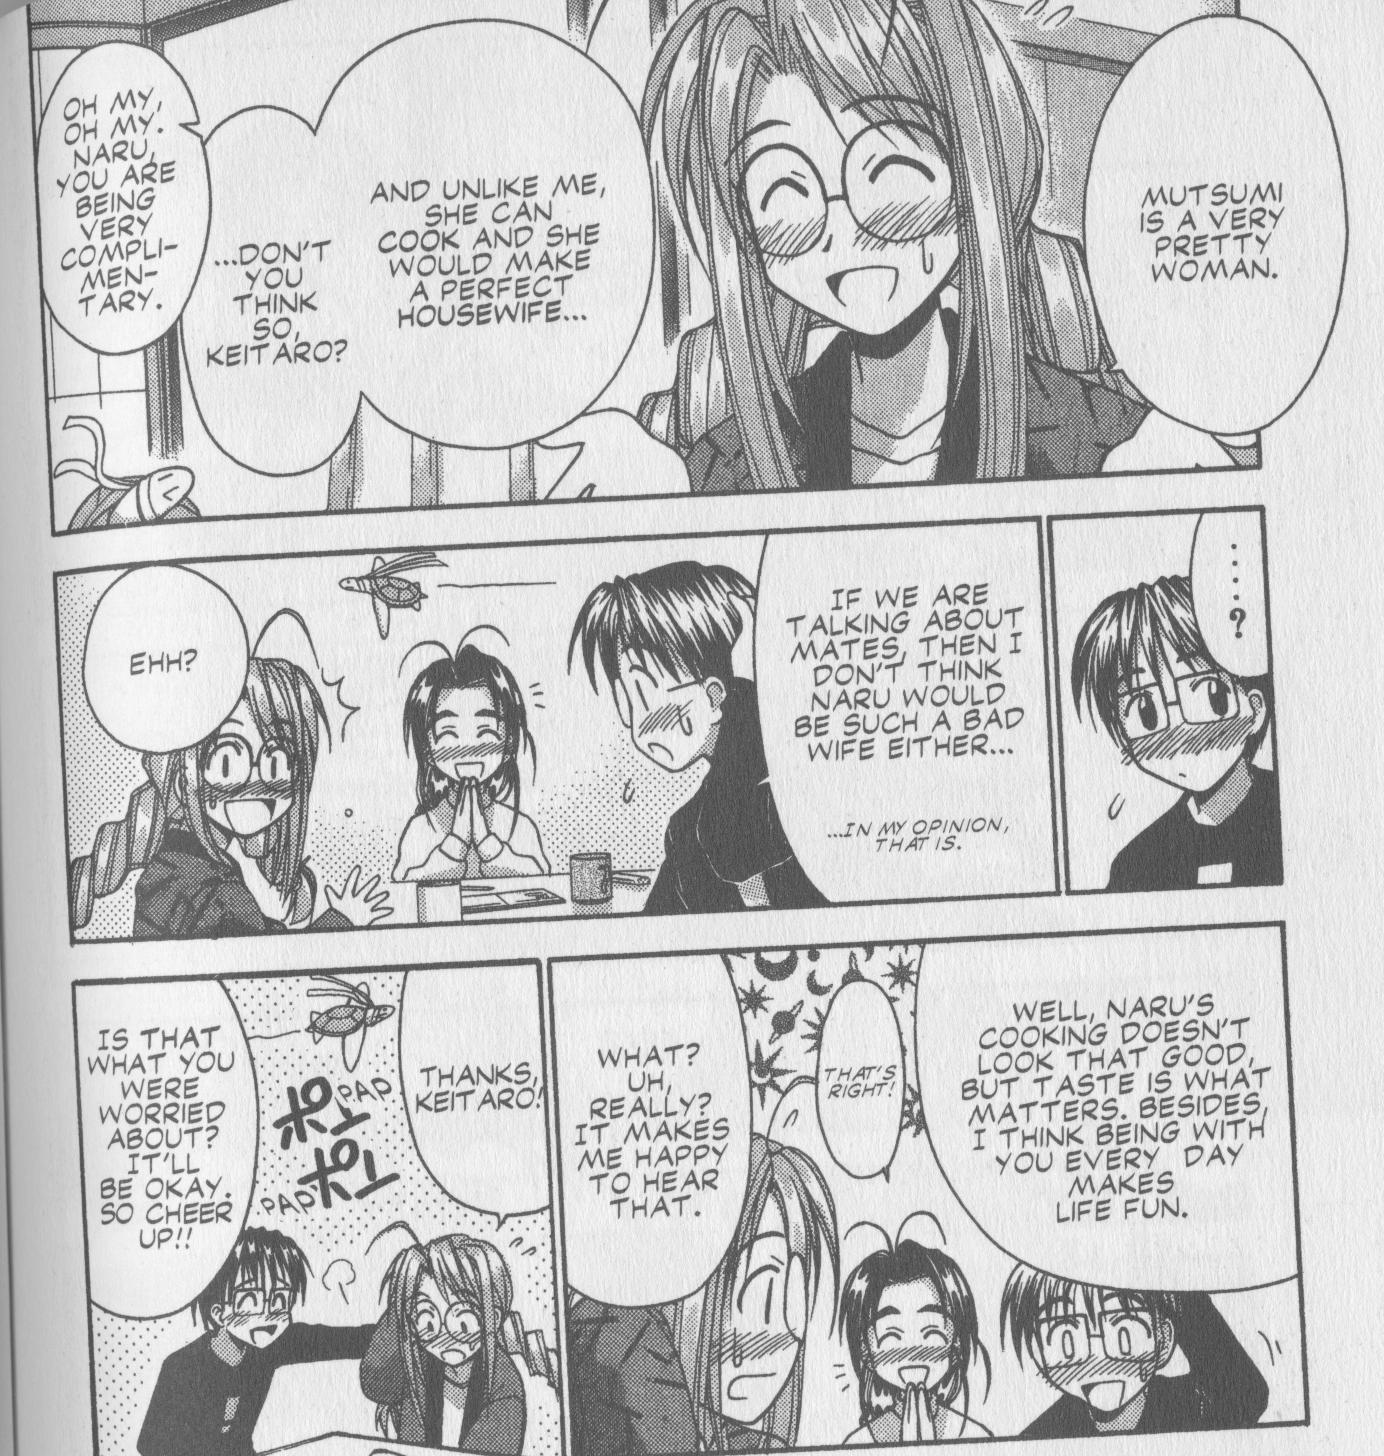 Mutsumi from love hina dating